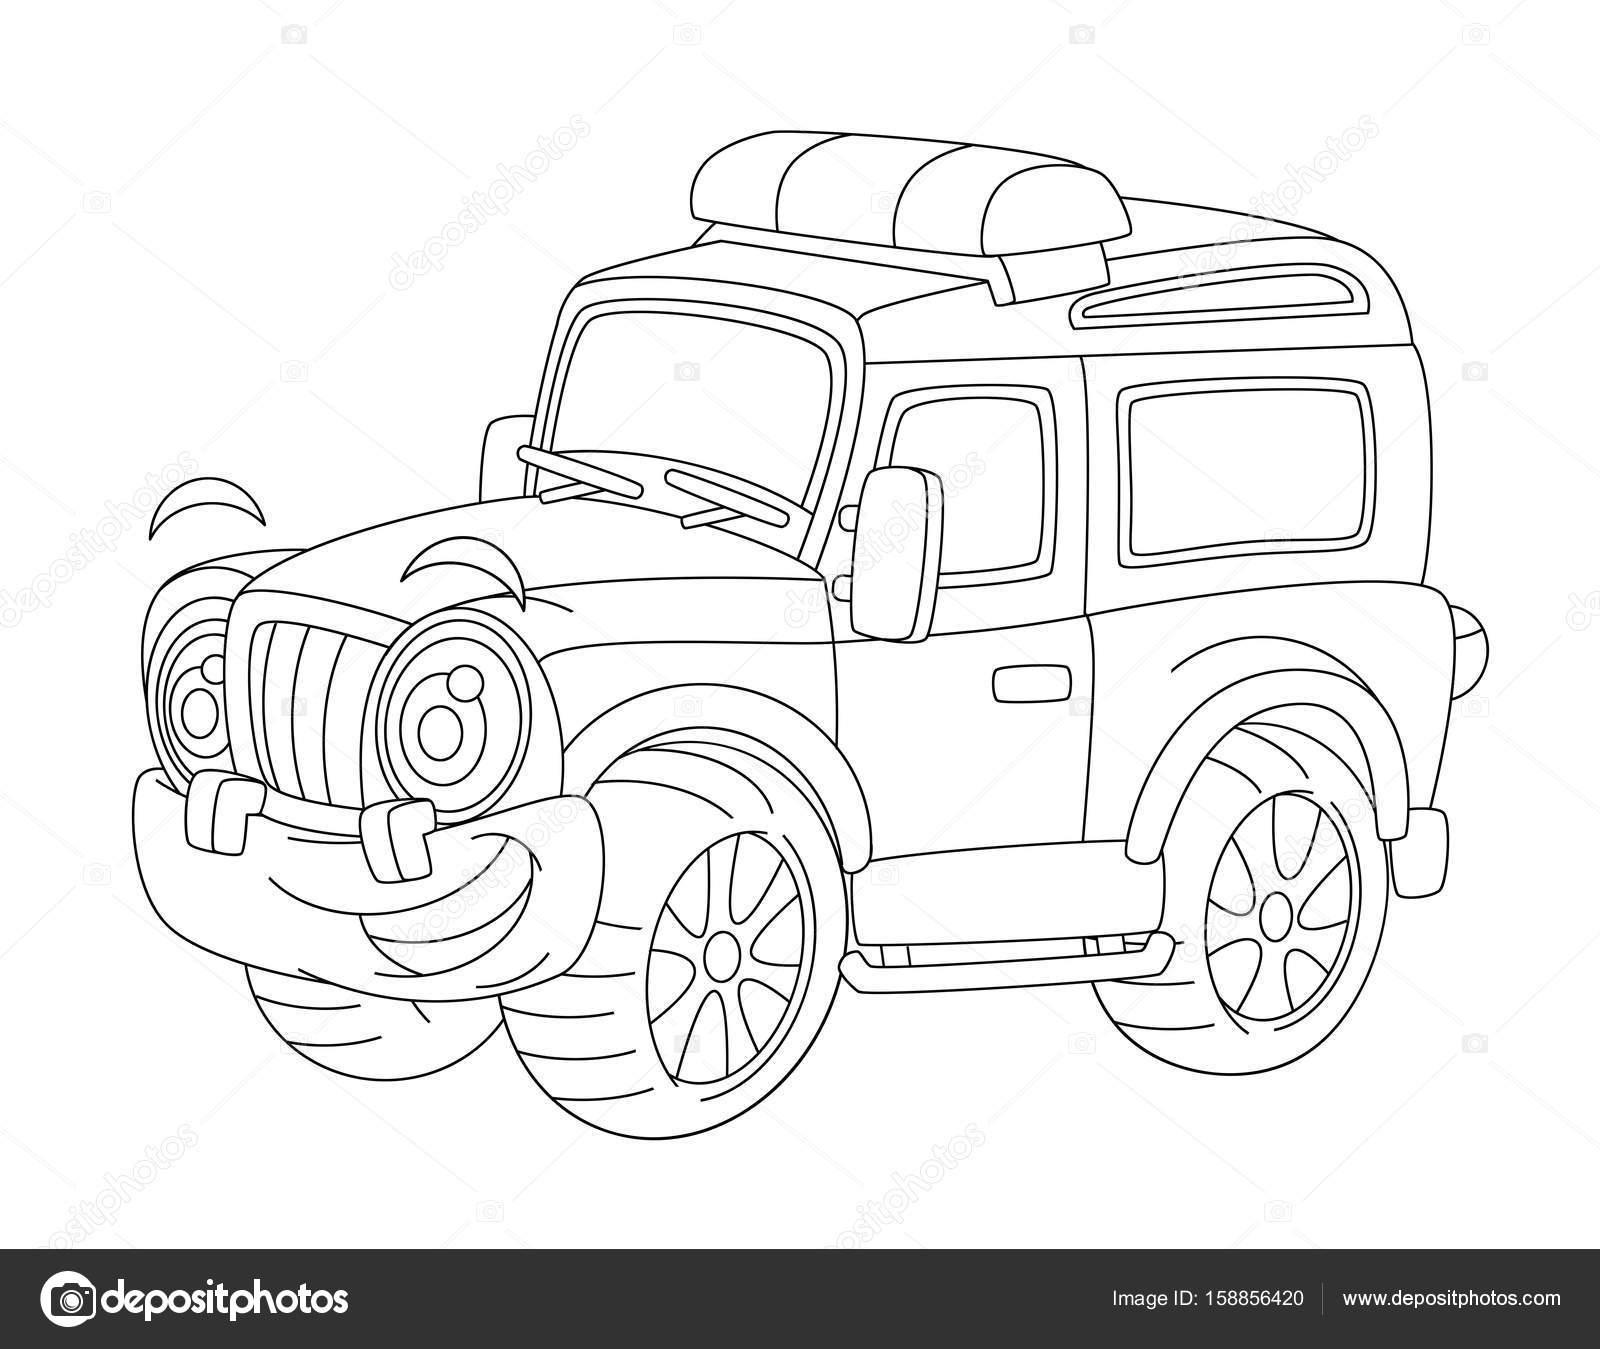 de carro de bomberos o policía carretera - página para colorear ...